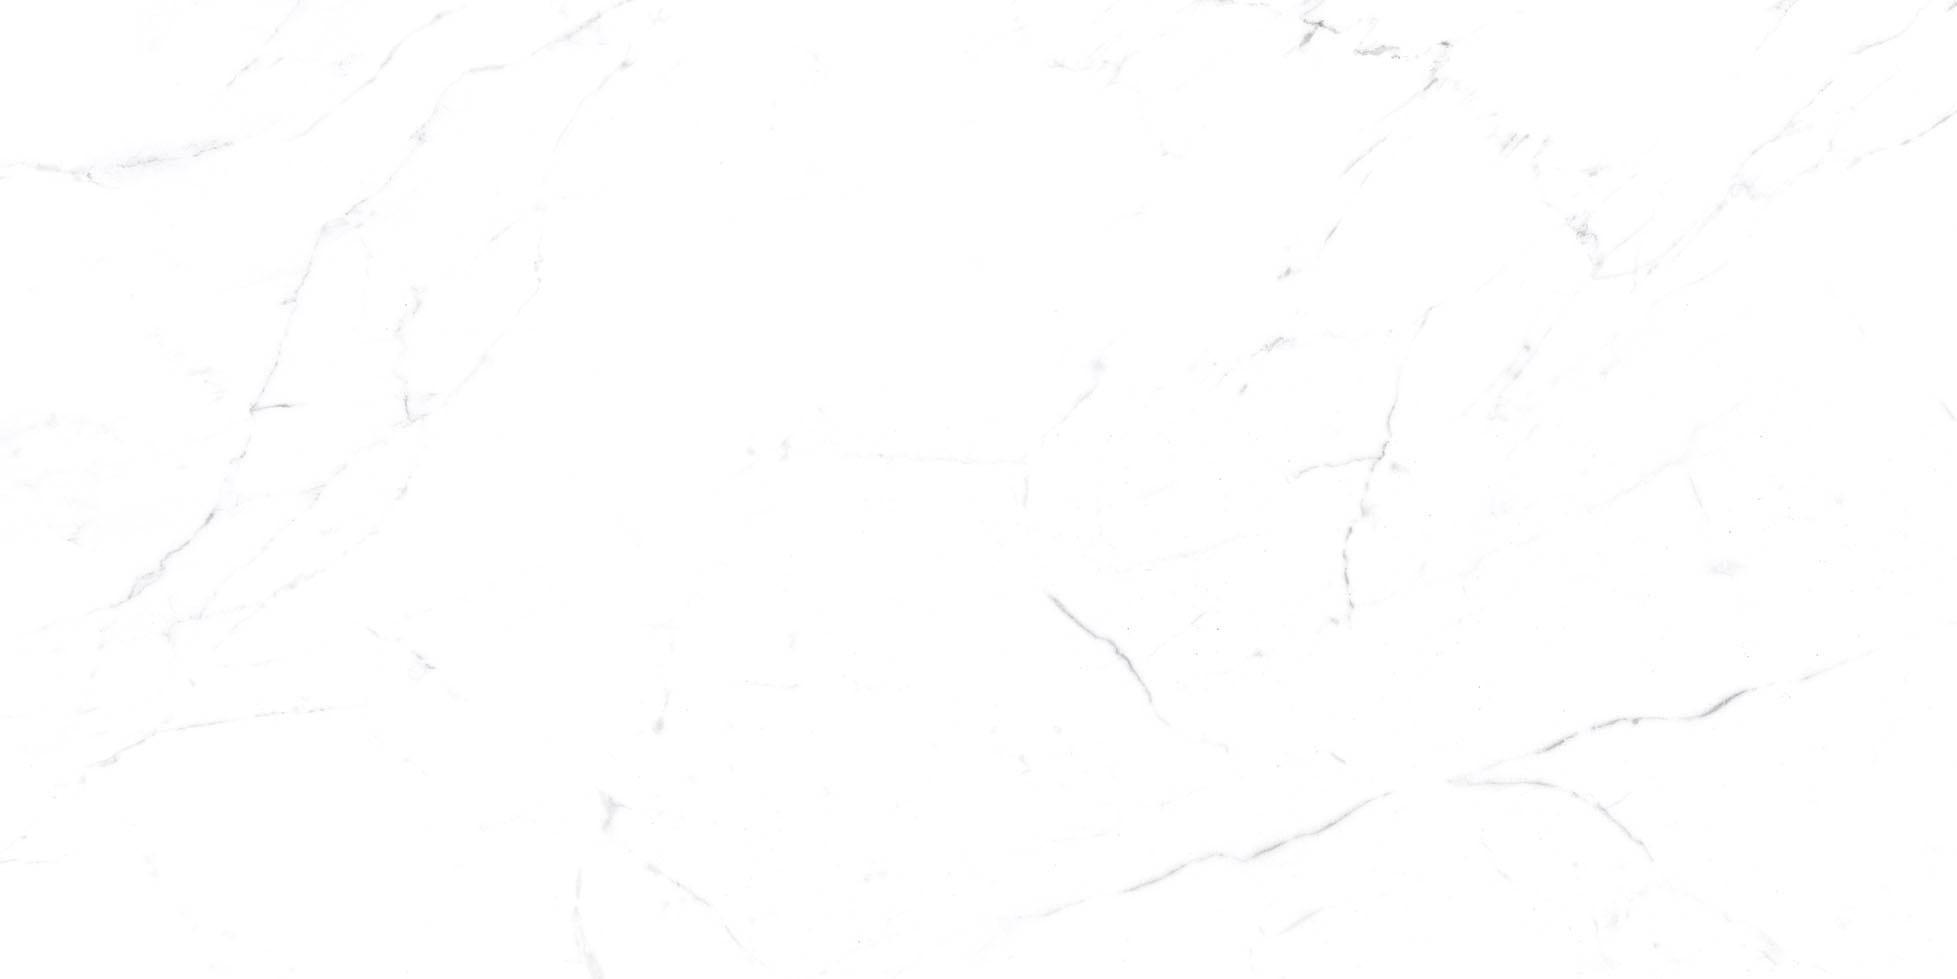 0097477, Archimarble, Valkoinen, lattia,pakkasenkesto